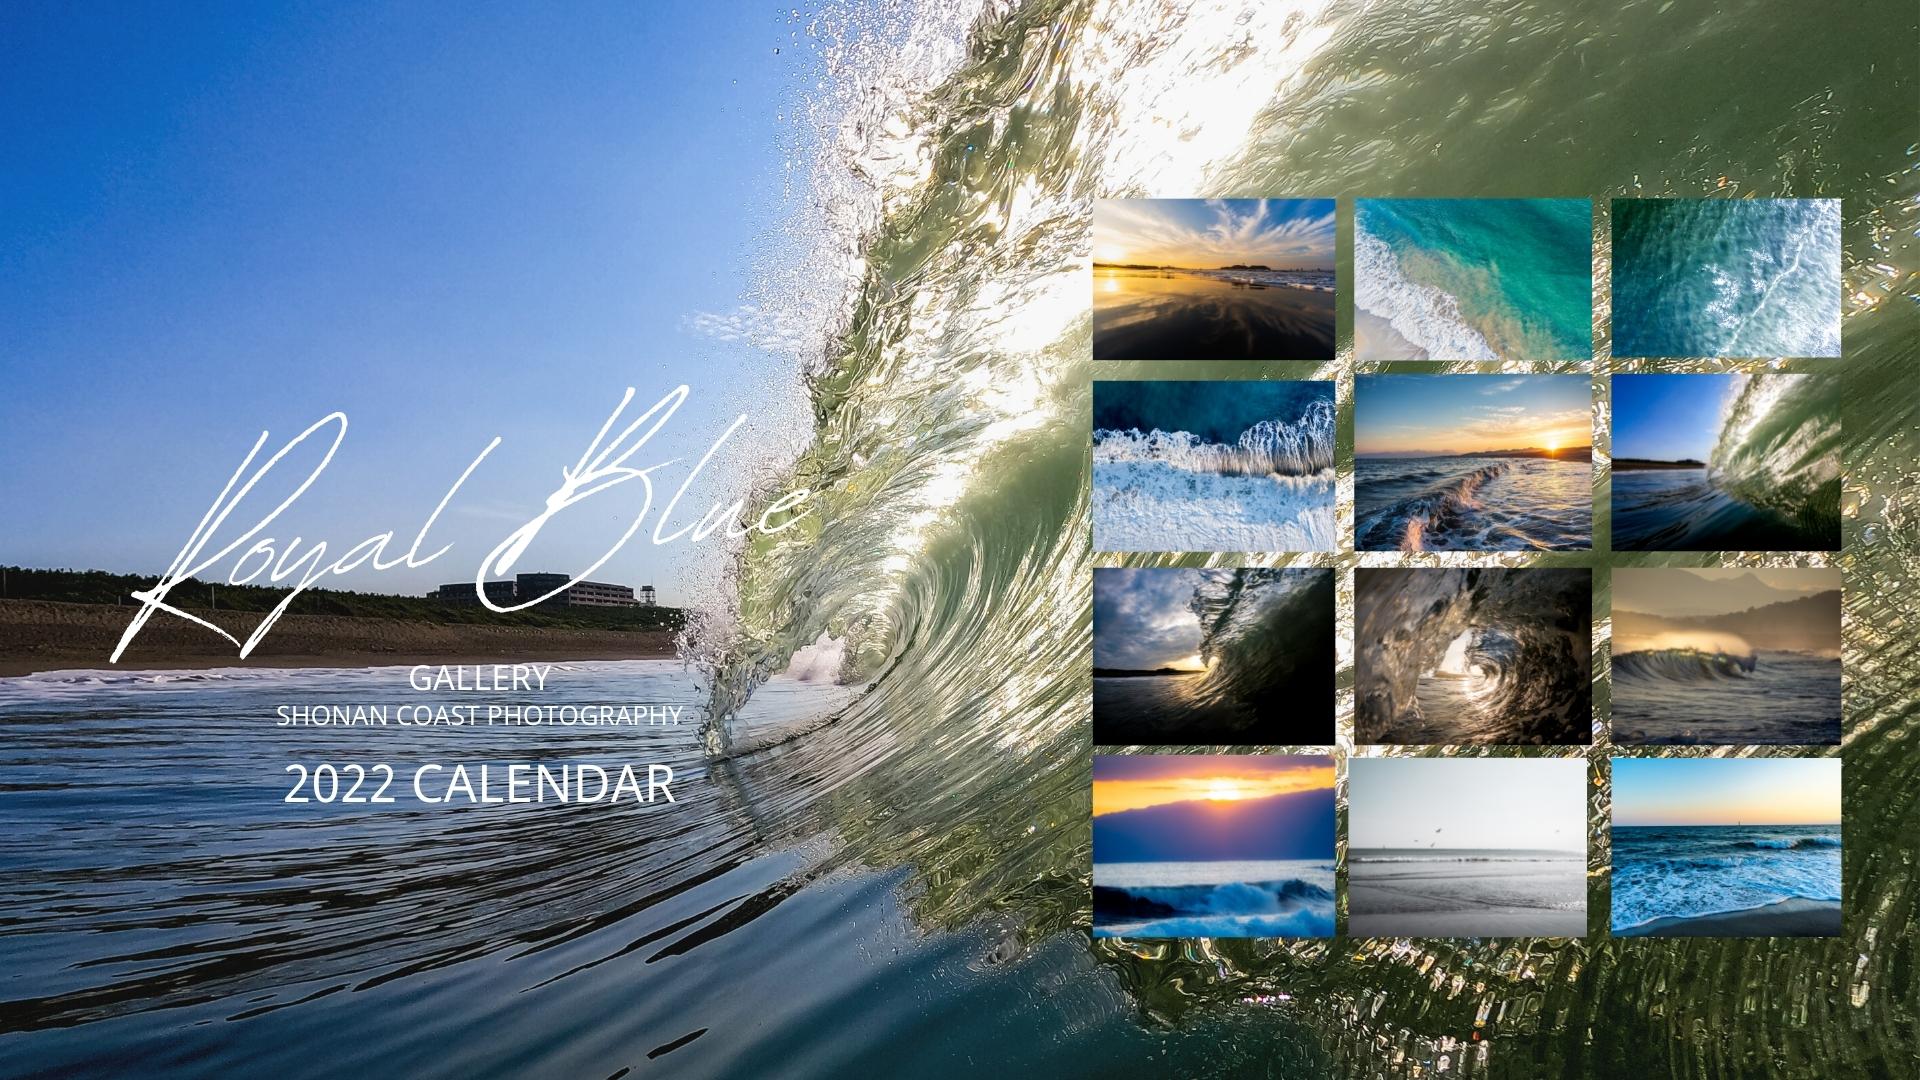 Royal Blue Galleryから2022カレンダーが登場しました!